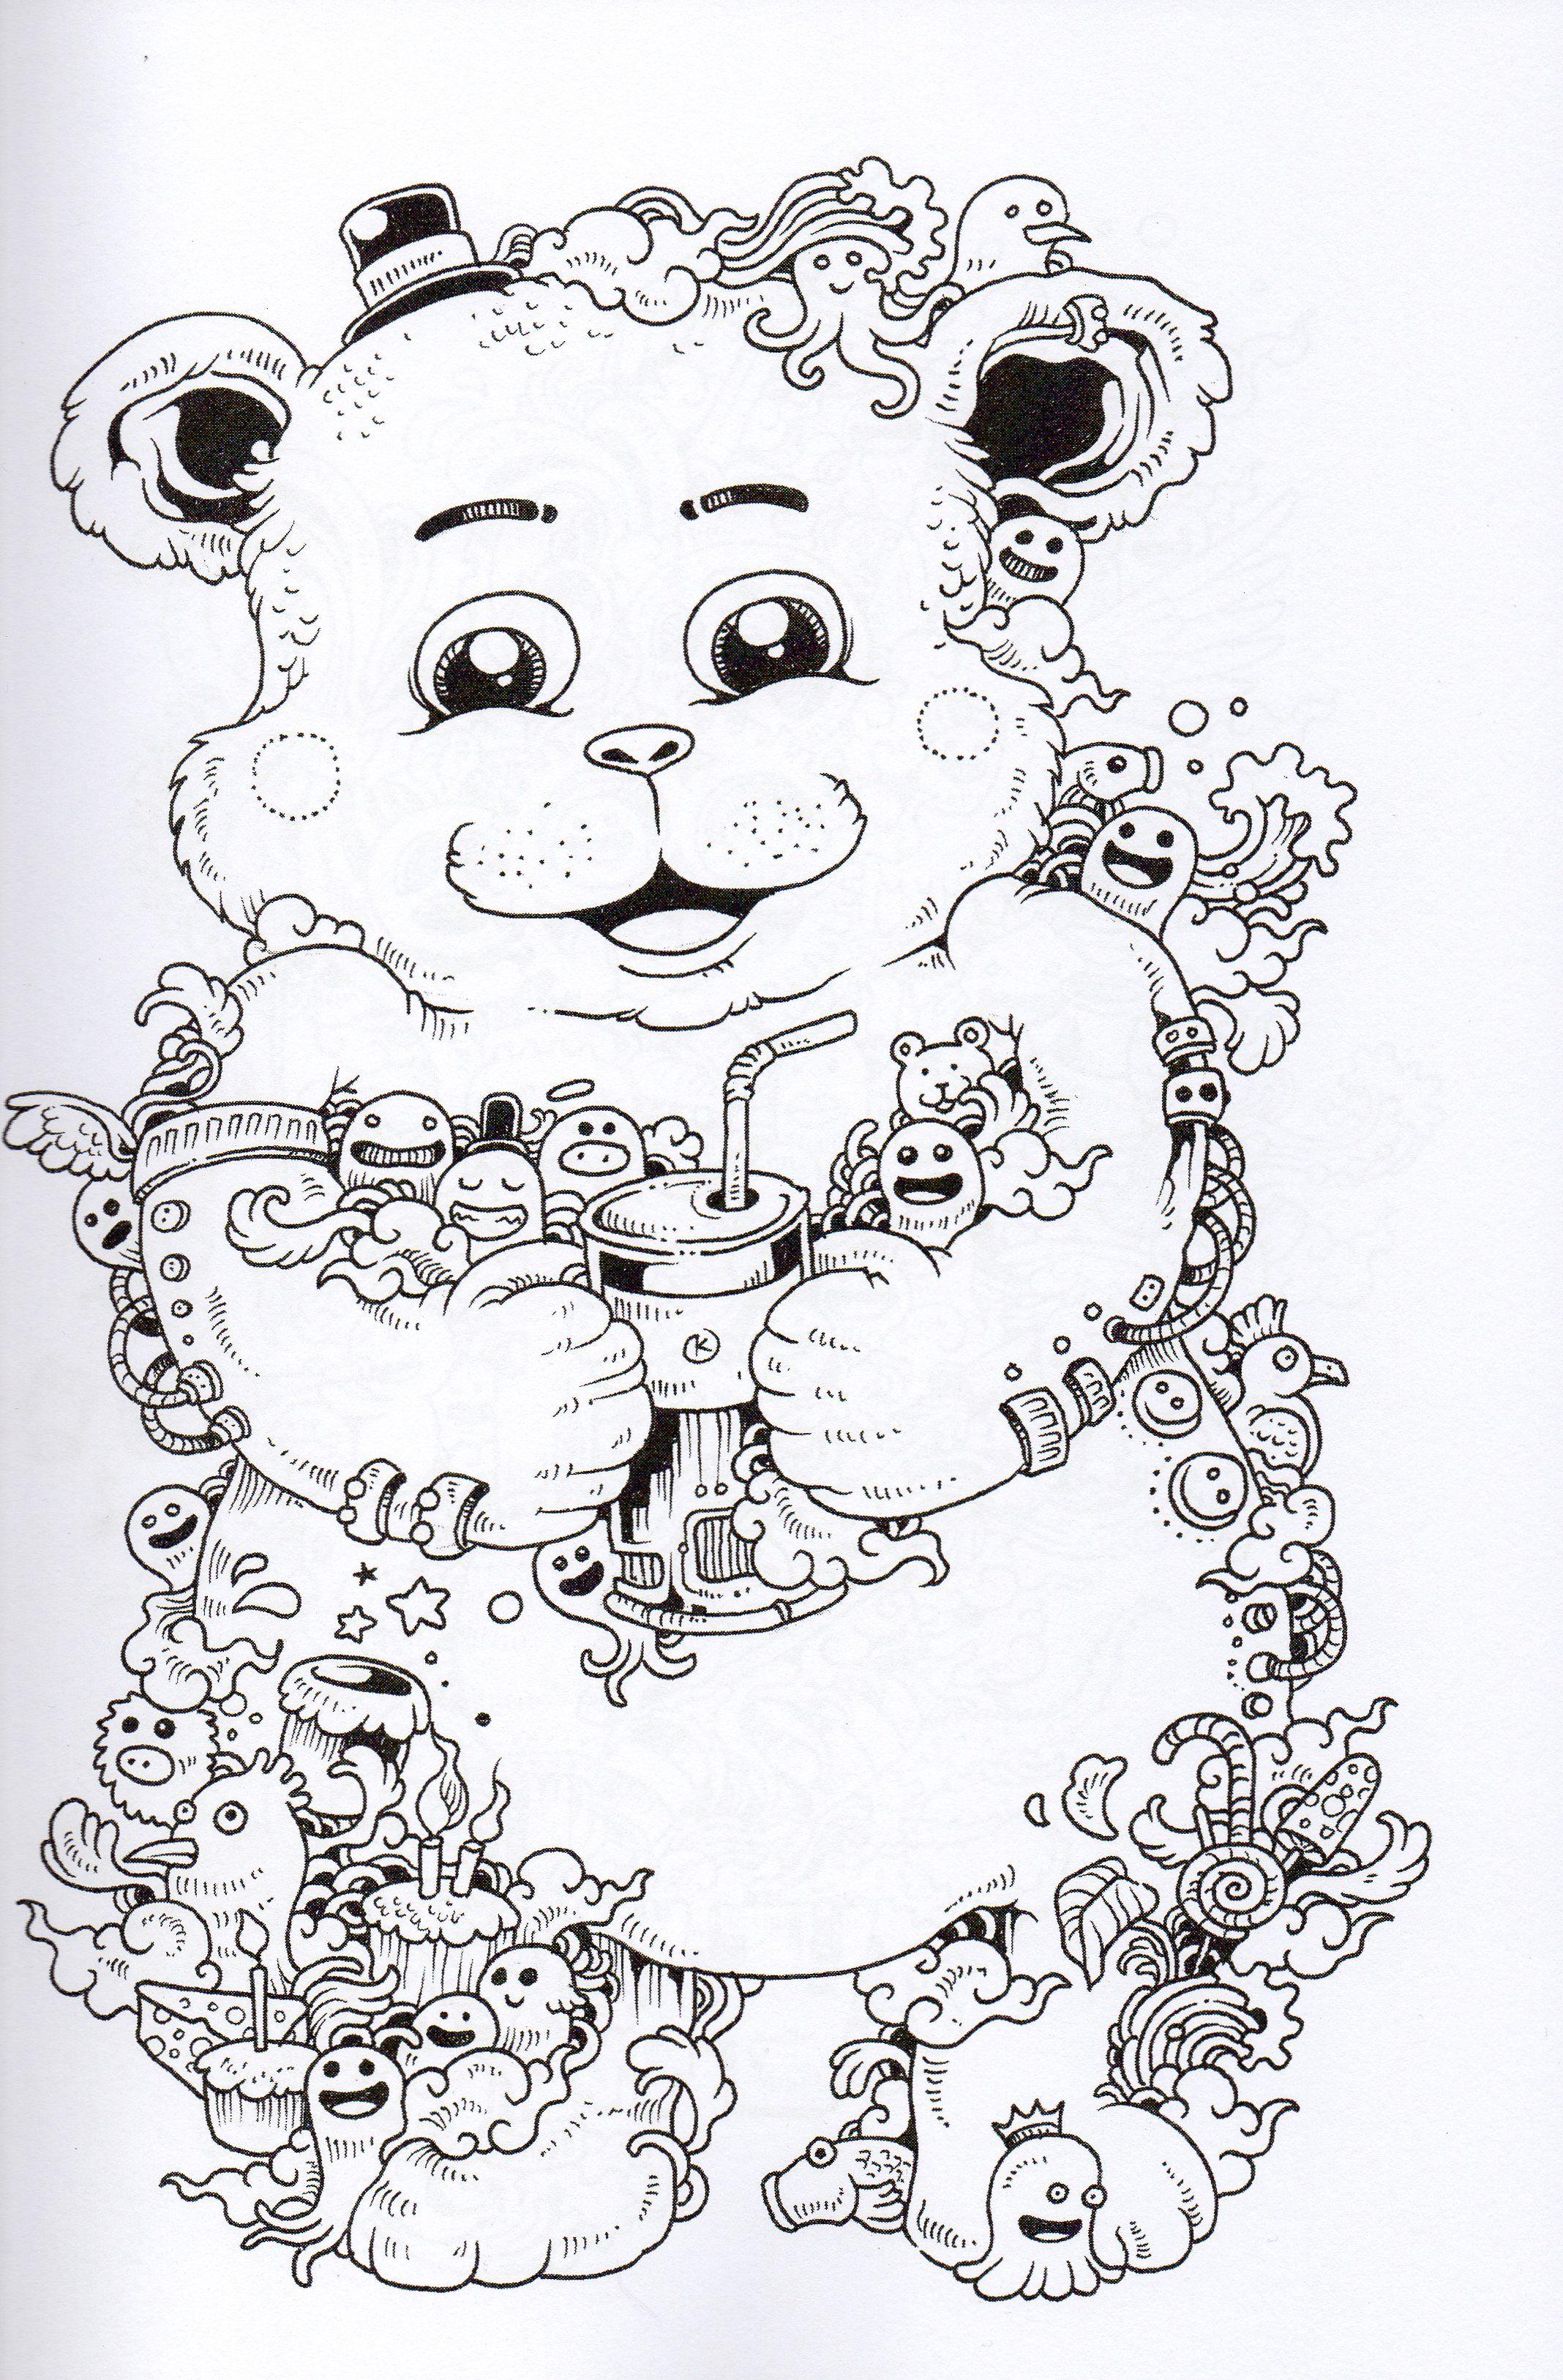 Doodle invasion | DOODLES | Pinterest | Ausmalbilder, Zen und Ausmalen